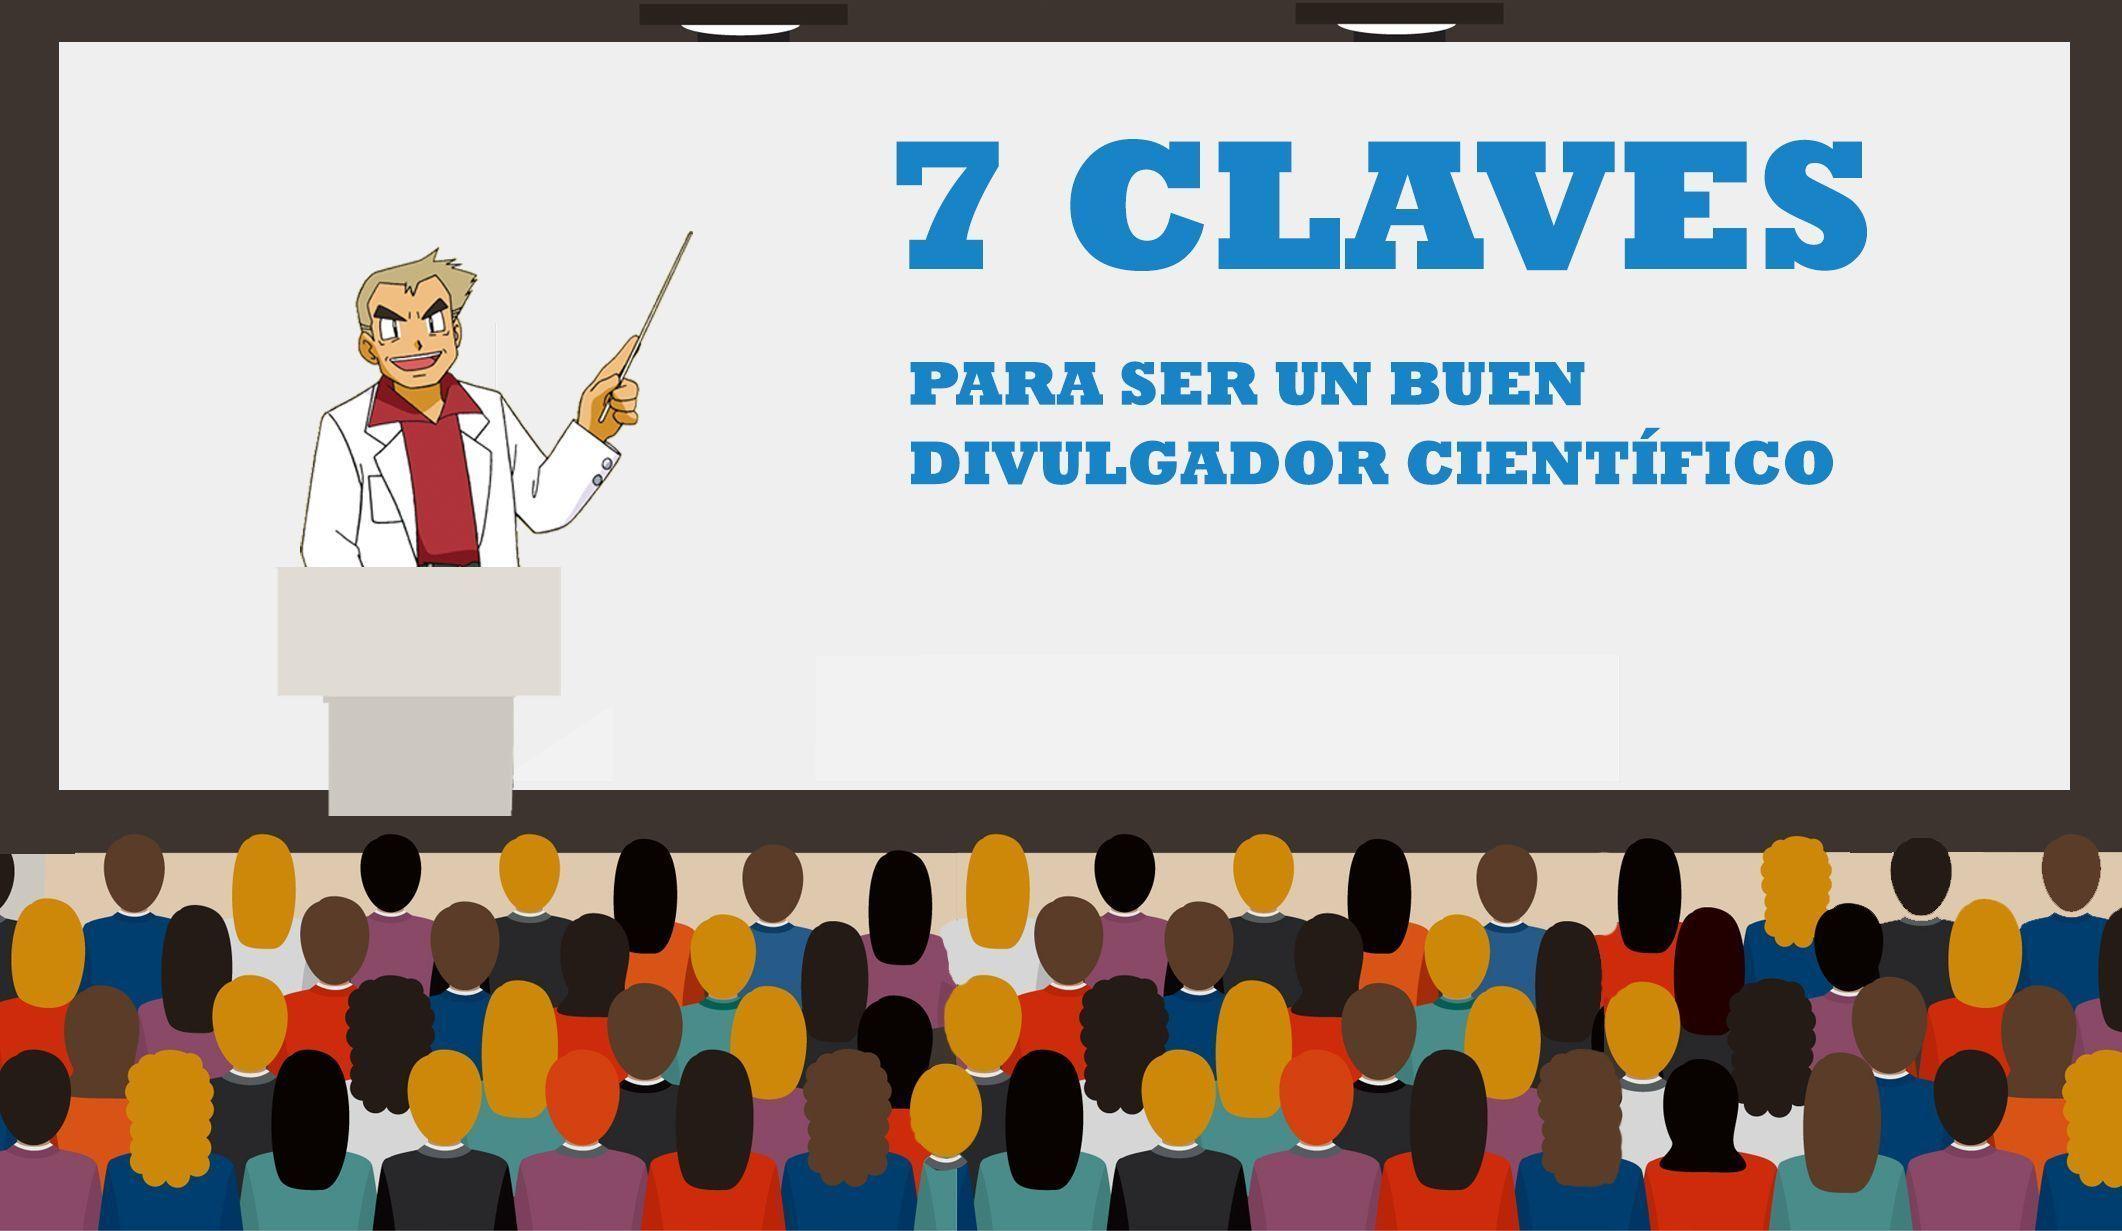 7 CLAVES para ser un buen DIVULGADOR científico 1